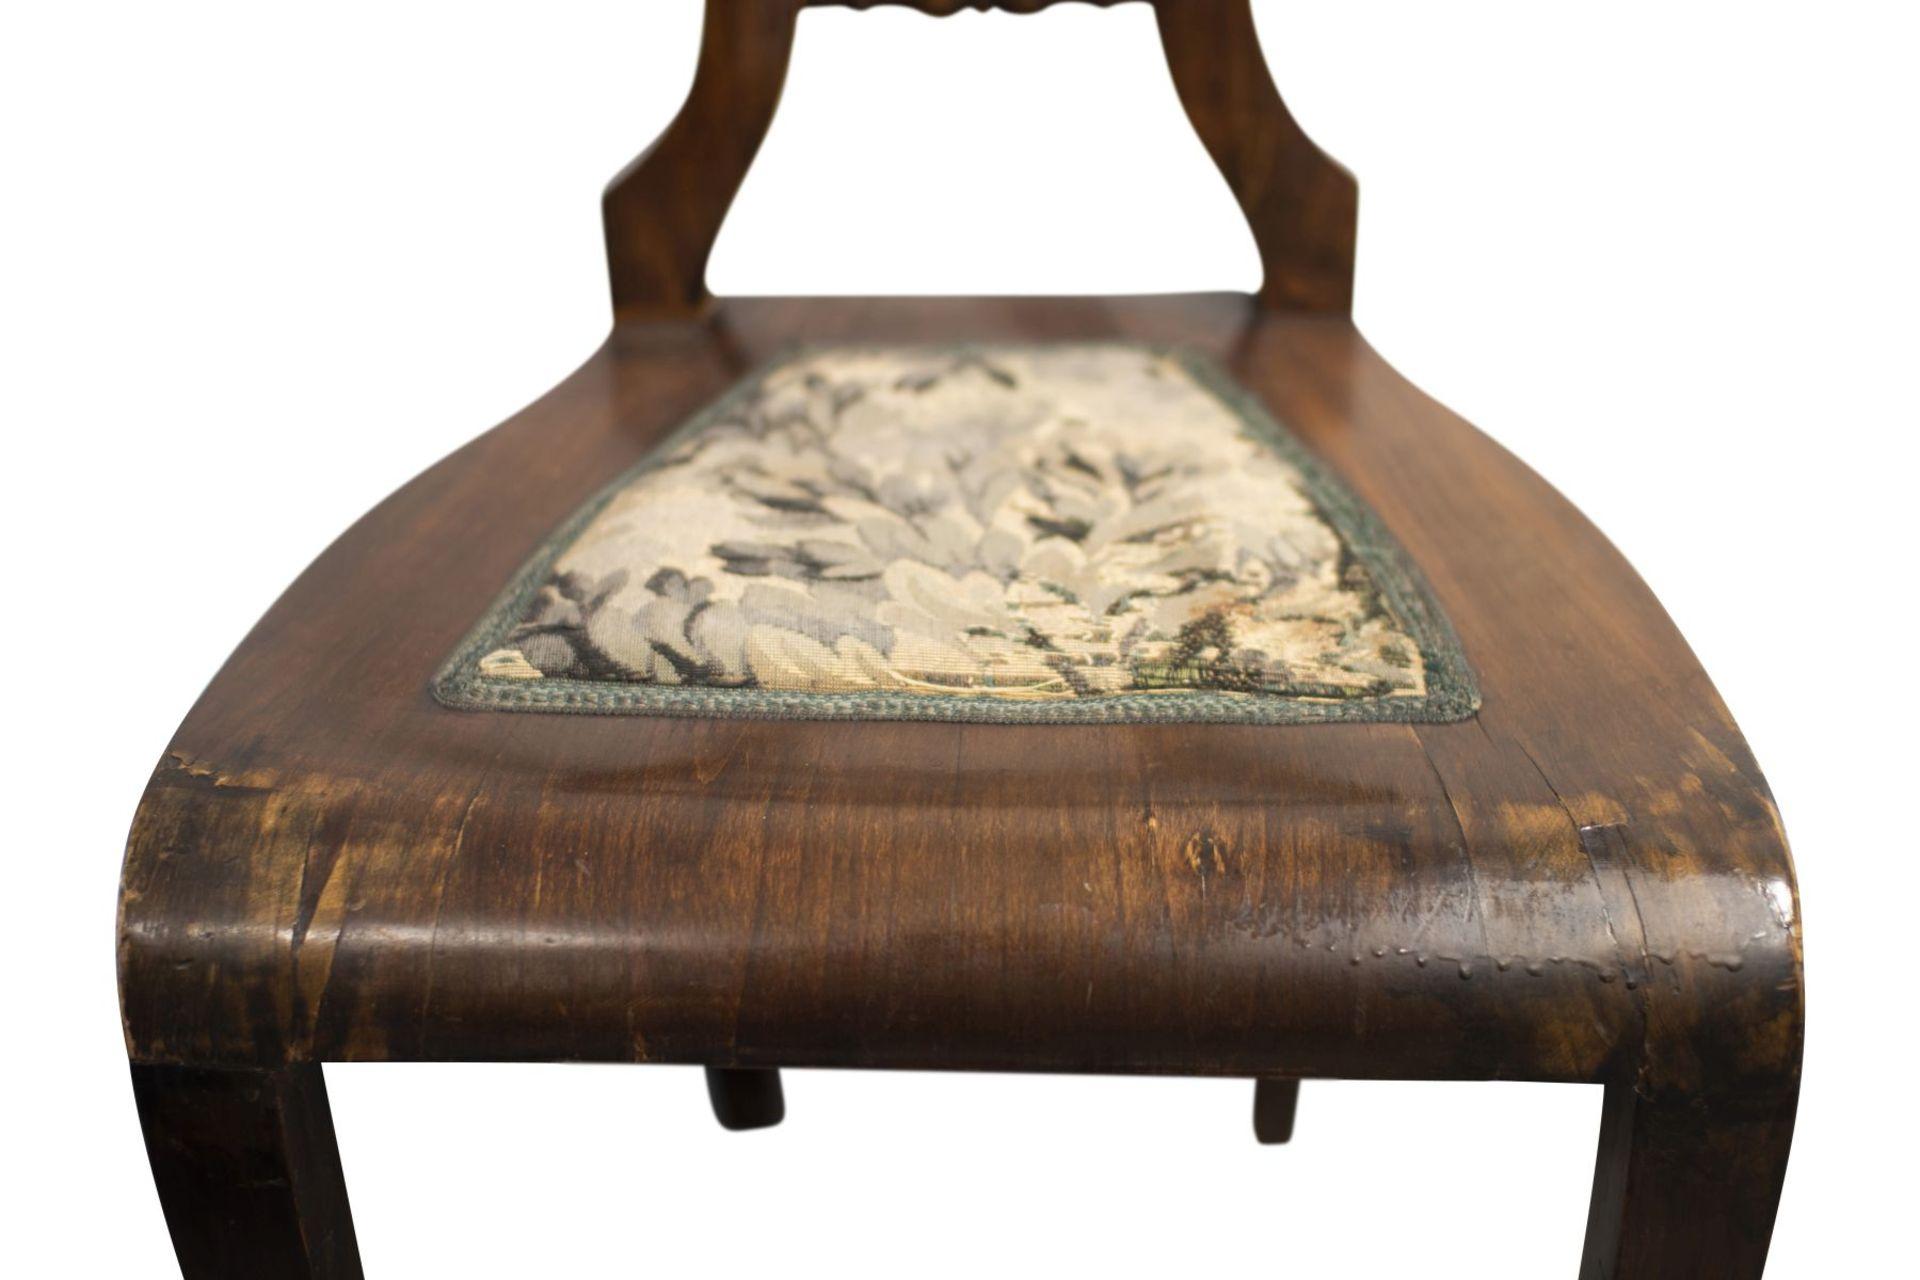 Decorative French Chair - Bild 3 aus 3